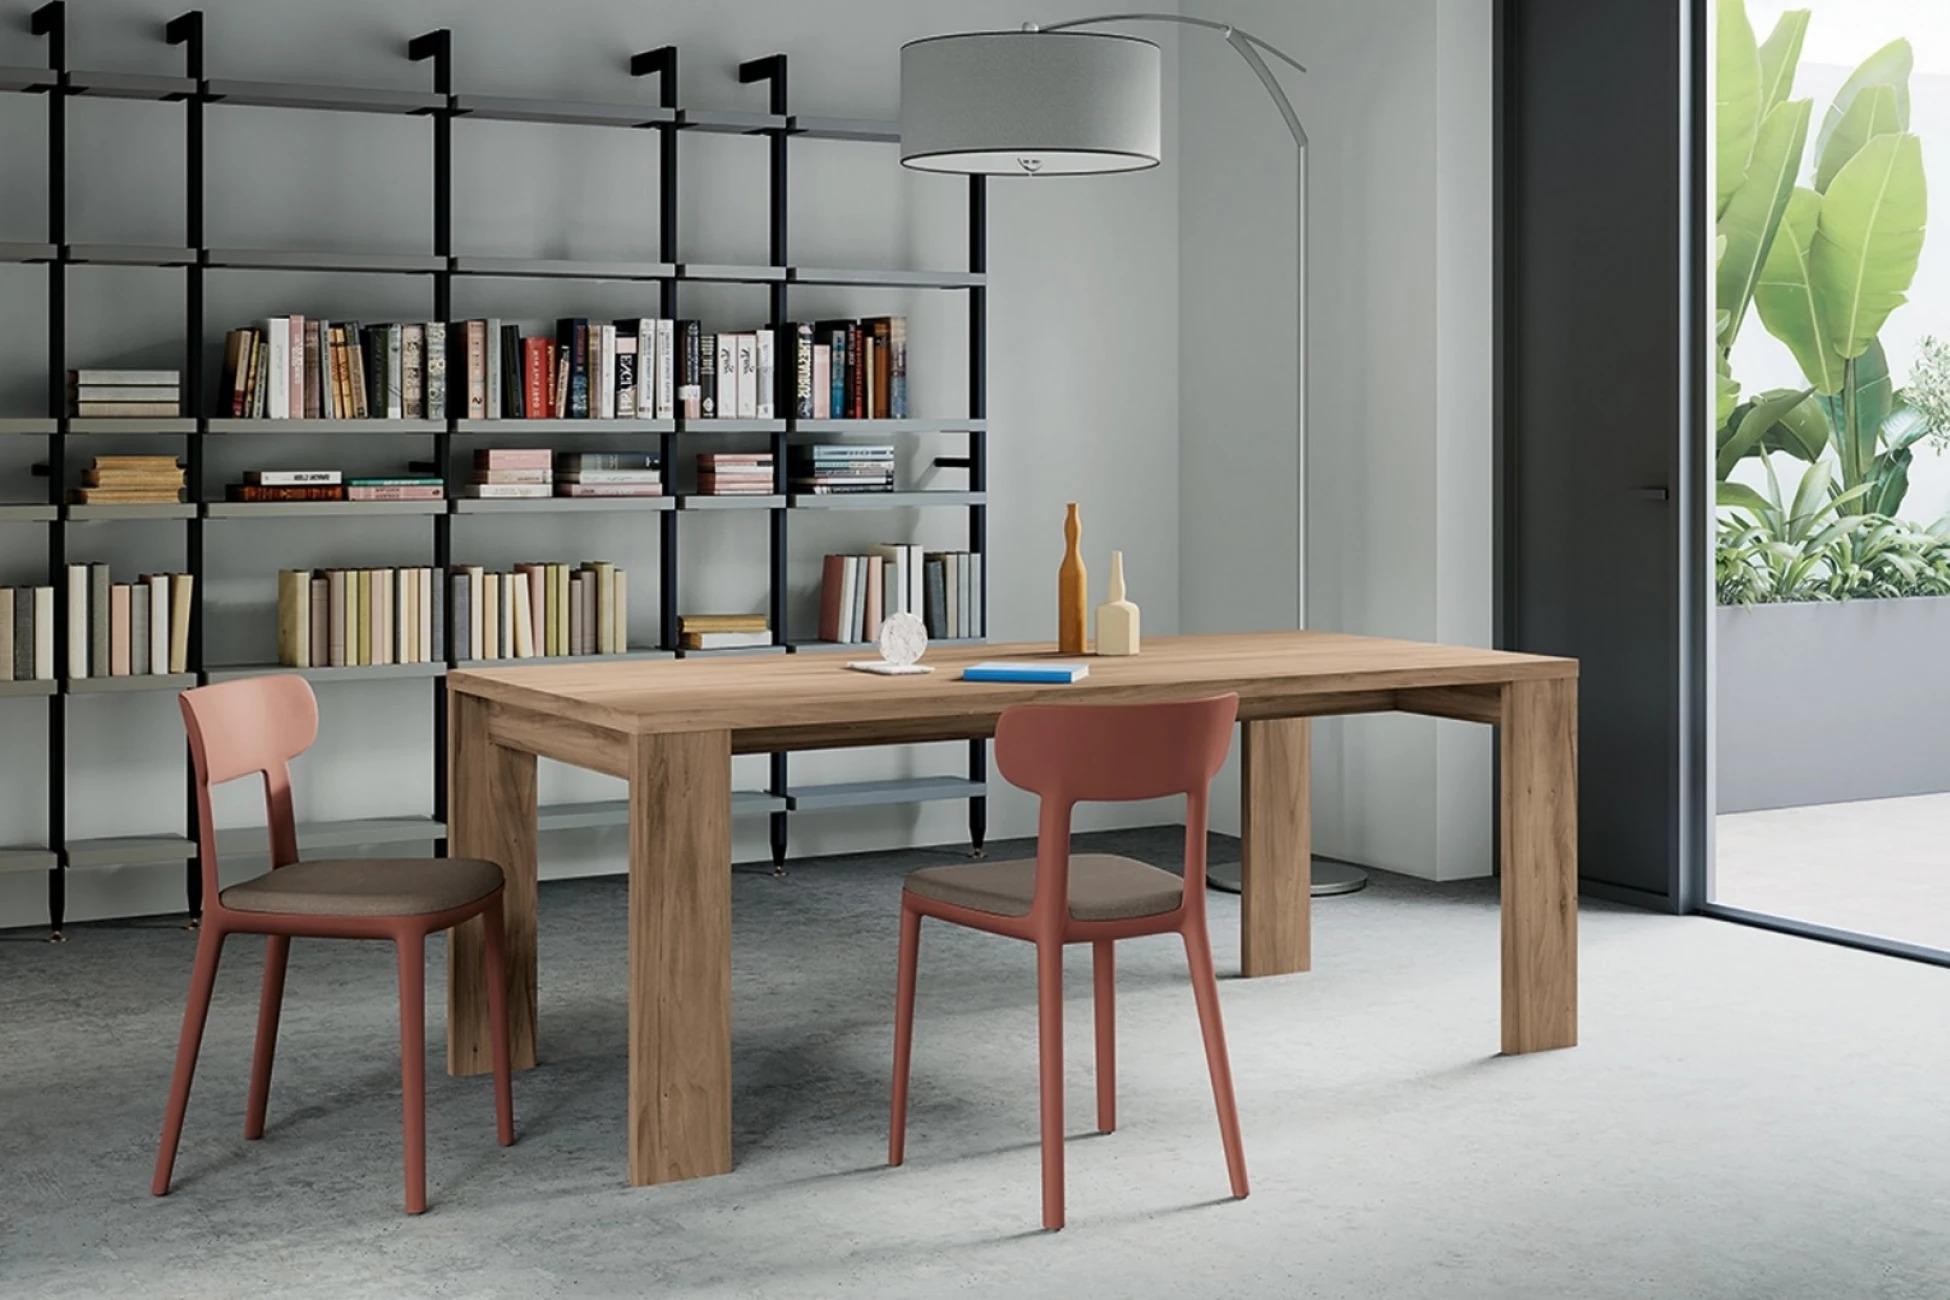 Стол AIRPORT TAVOLO итальянского производства от Arredo3 деревянный прямоугольный обеденный, 2 стула, полка с книгами, окно, большая лампа, светлые пол и стены